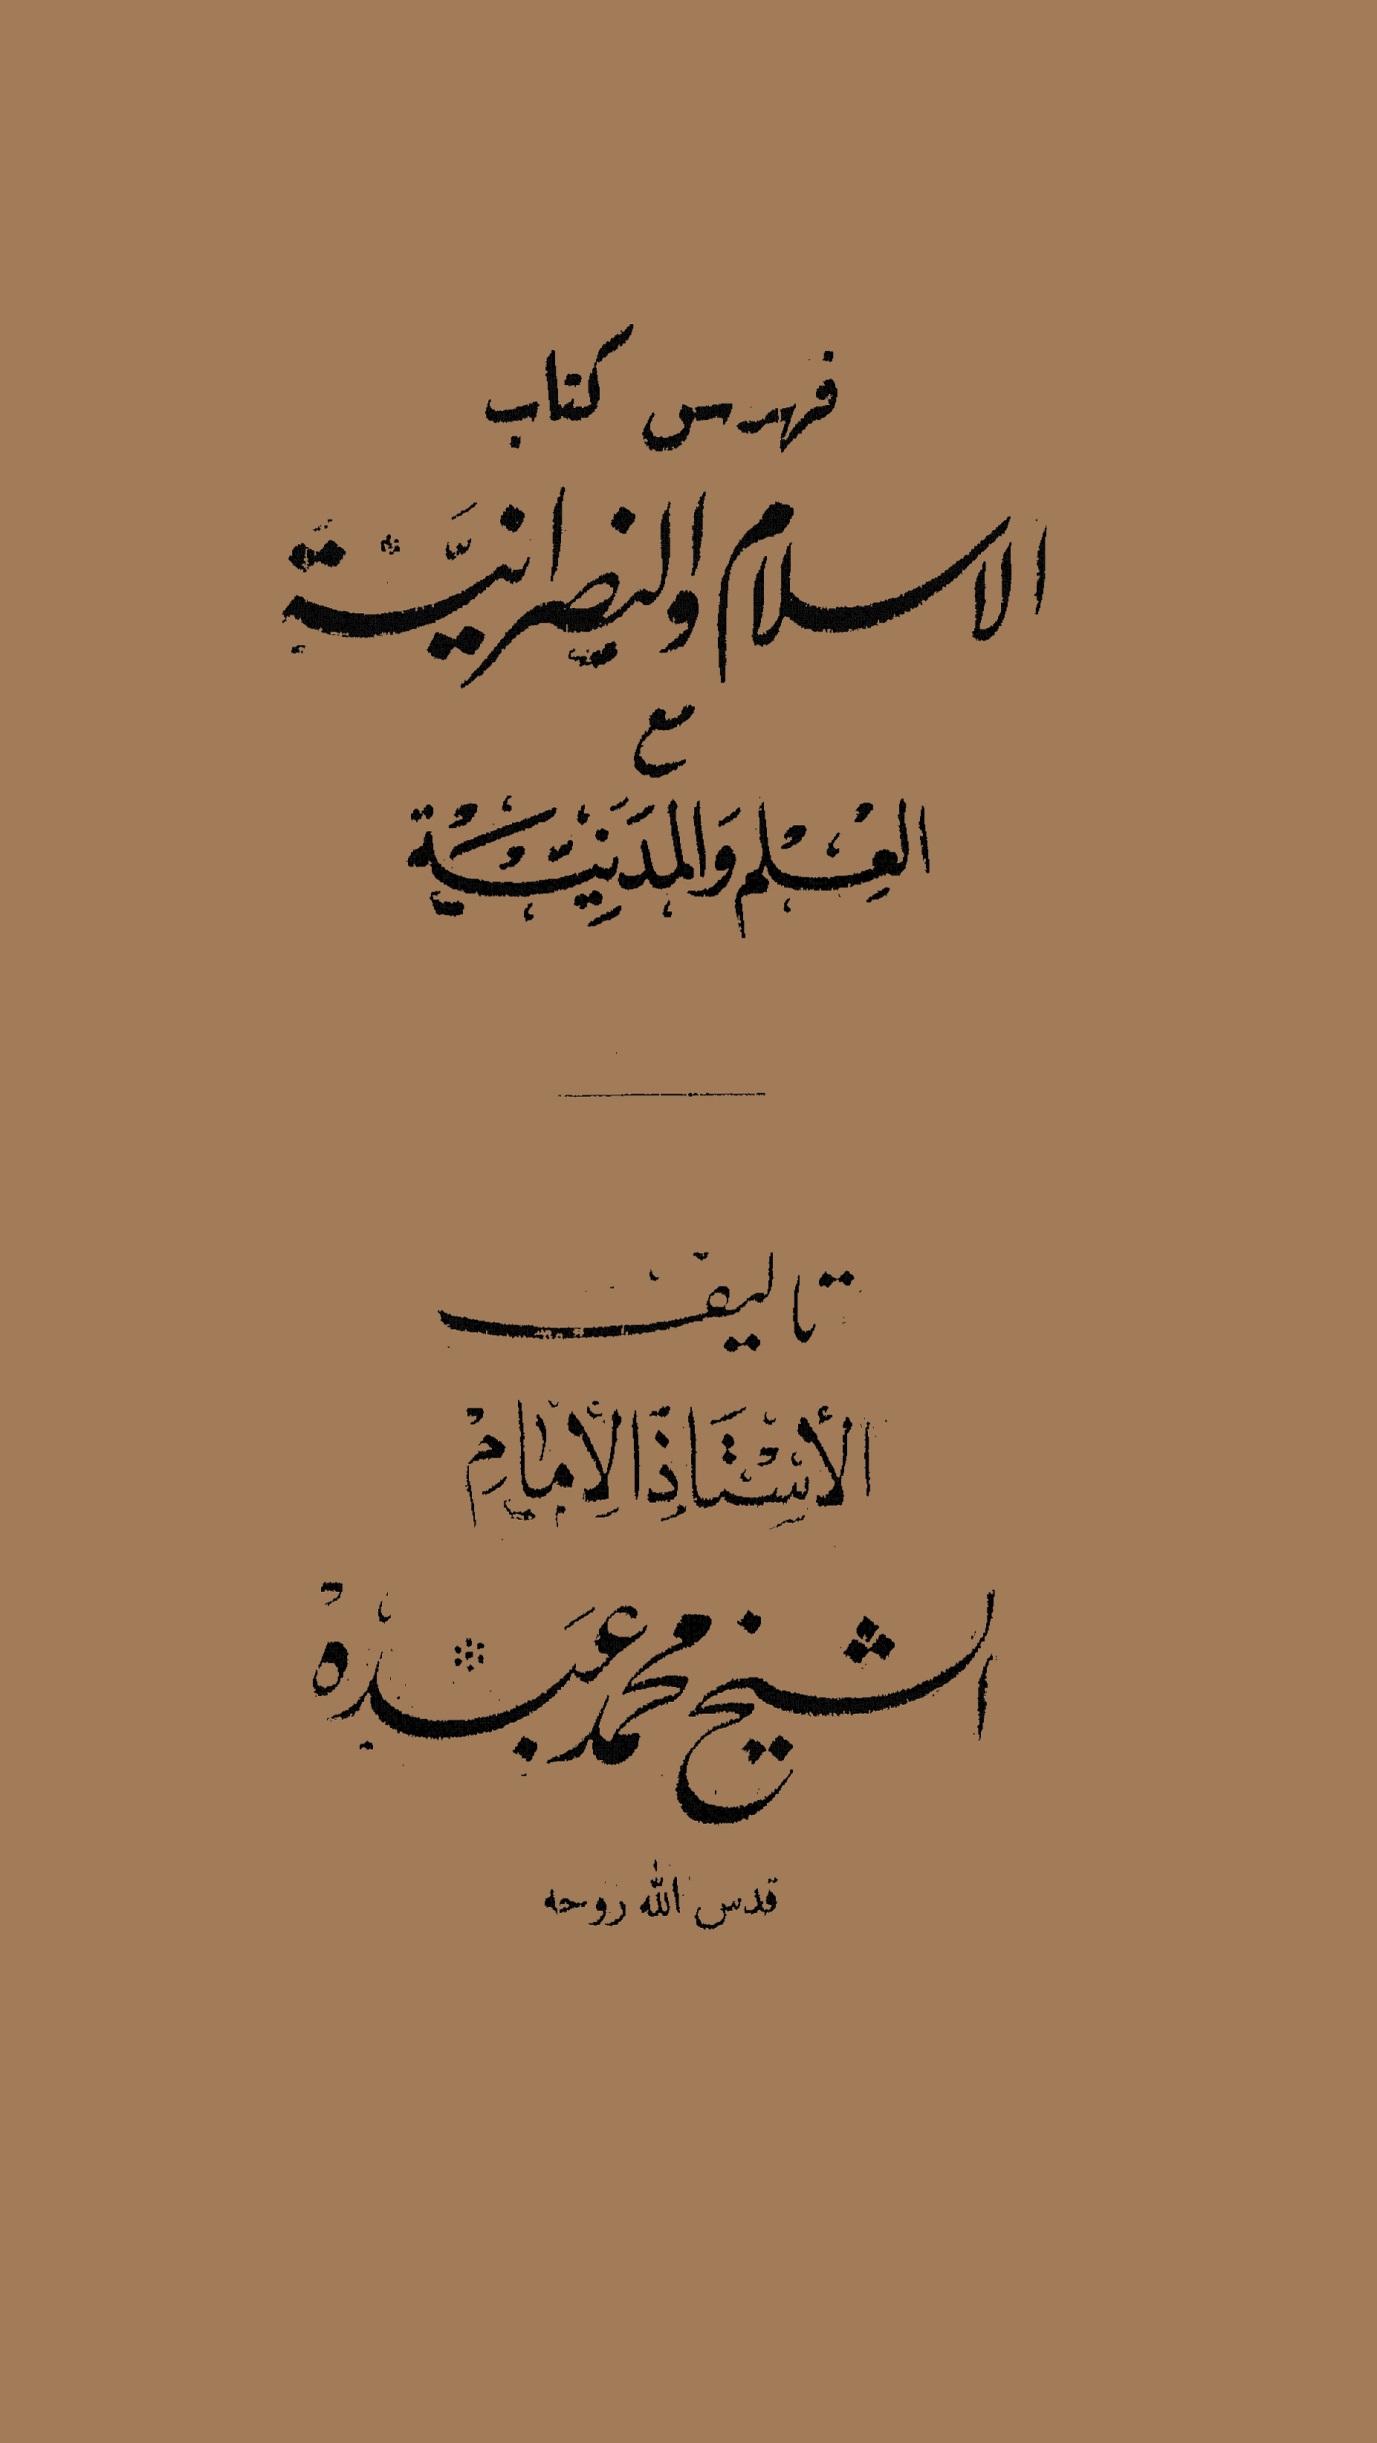 اسلام و النصر.jpg